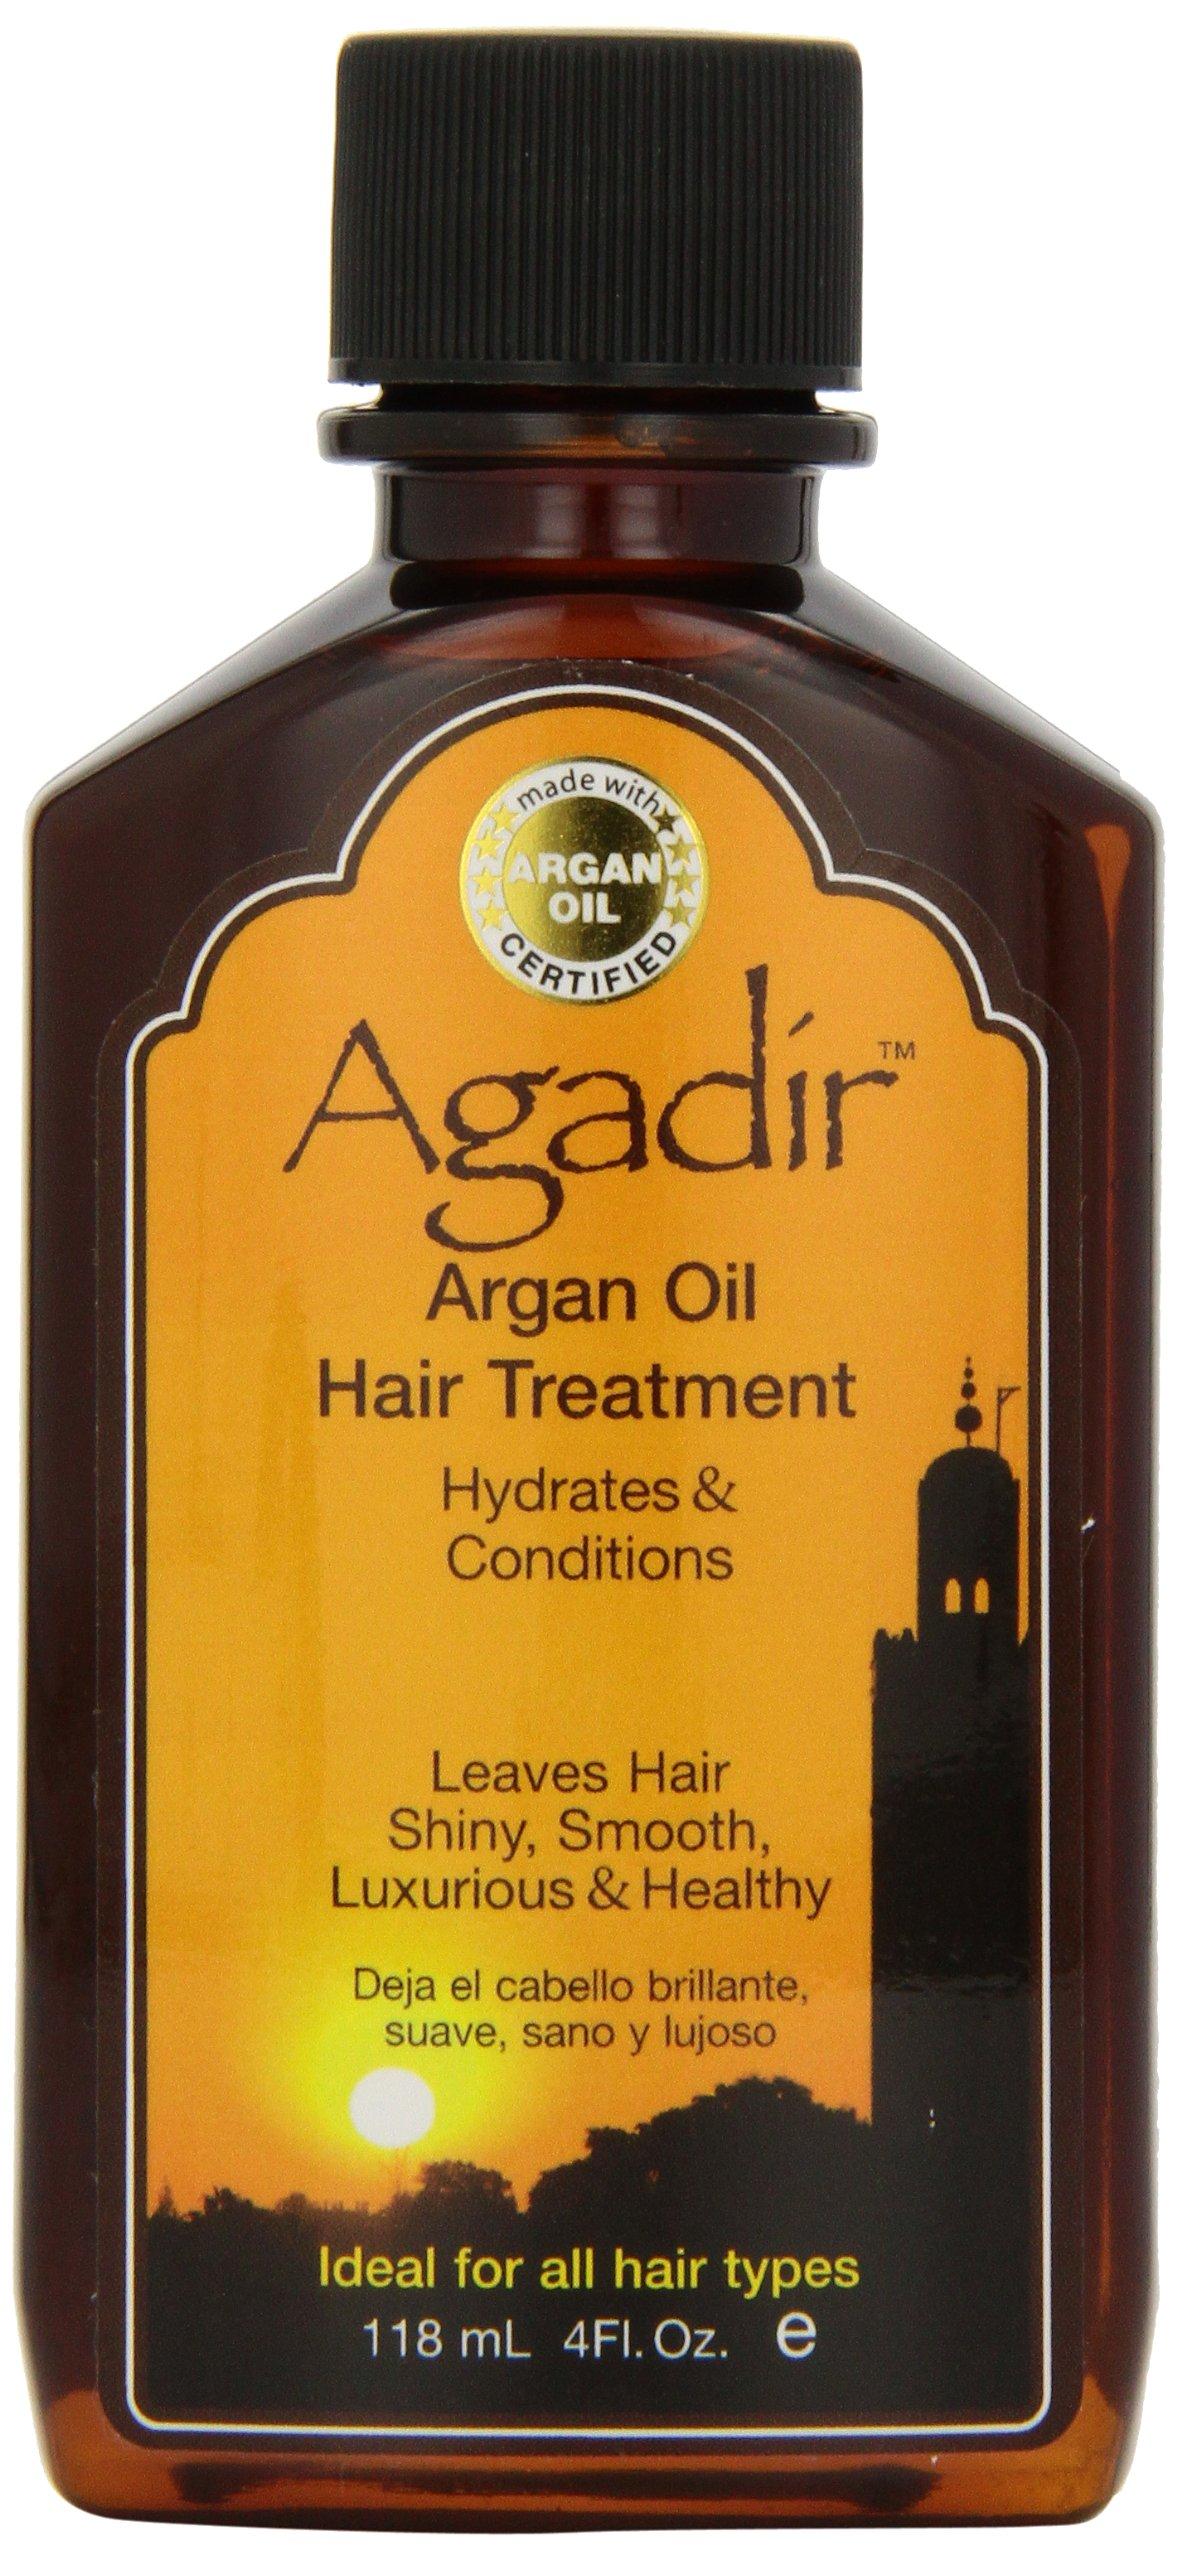 Agadir Argan Oil Treatment, 4-Ounce